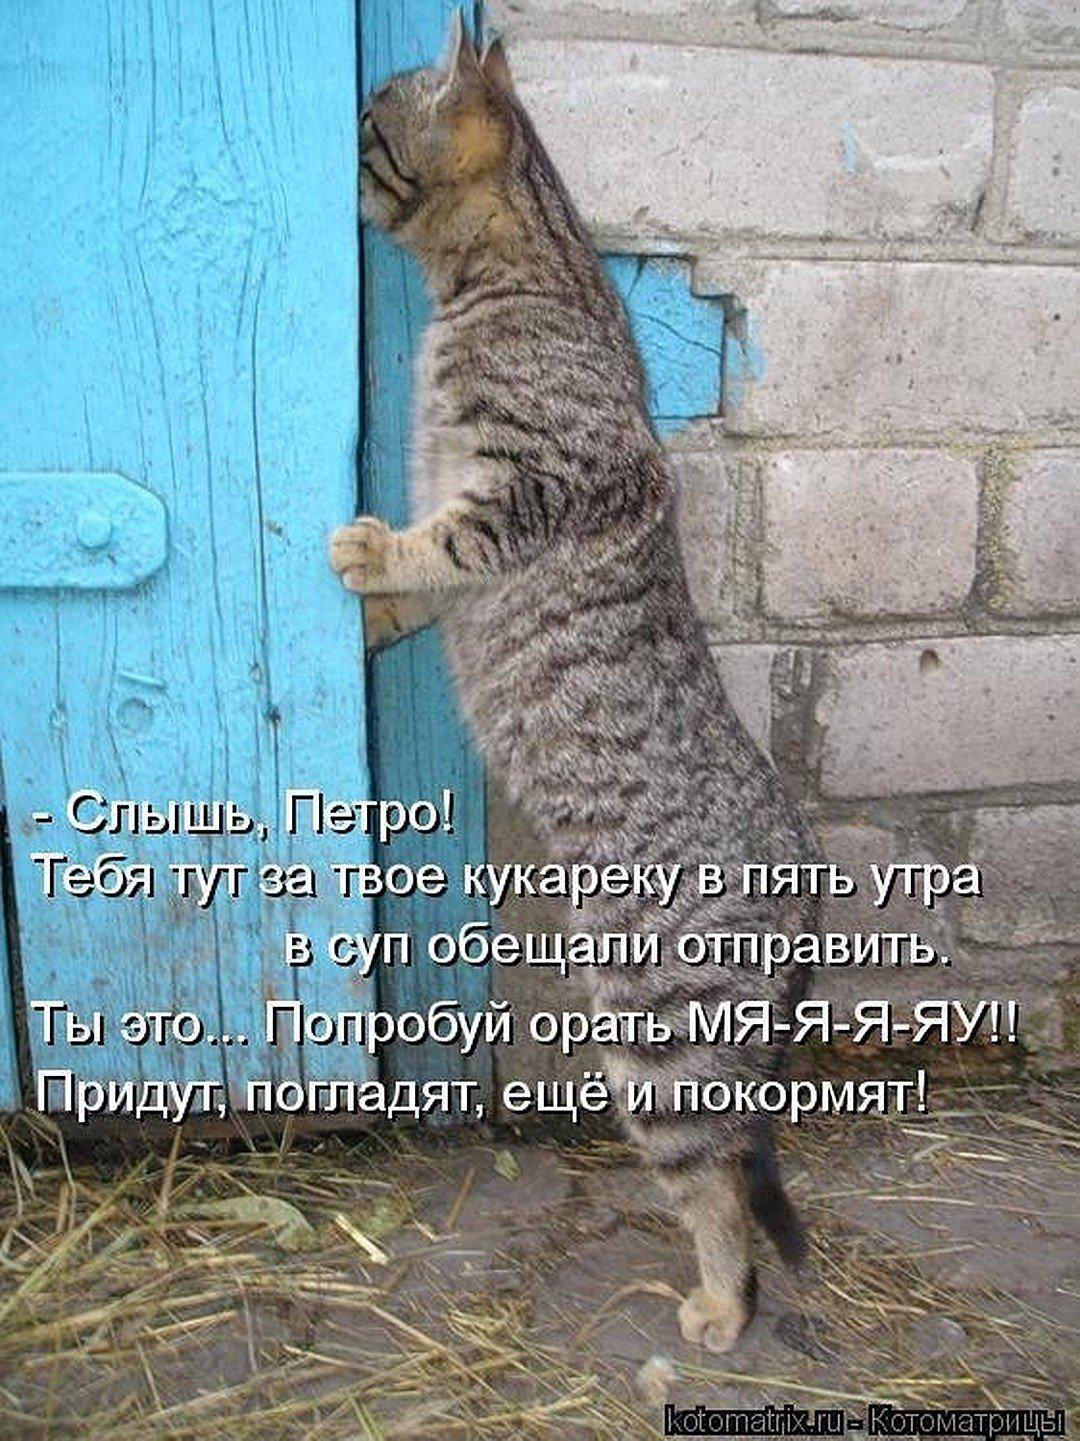 Интересные картинки с кошками и надписям, картинки днем